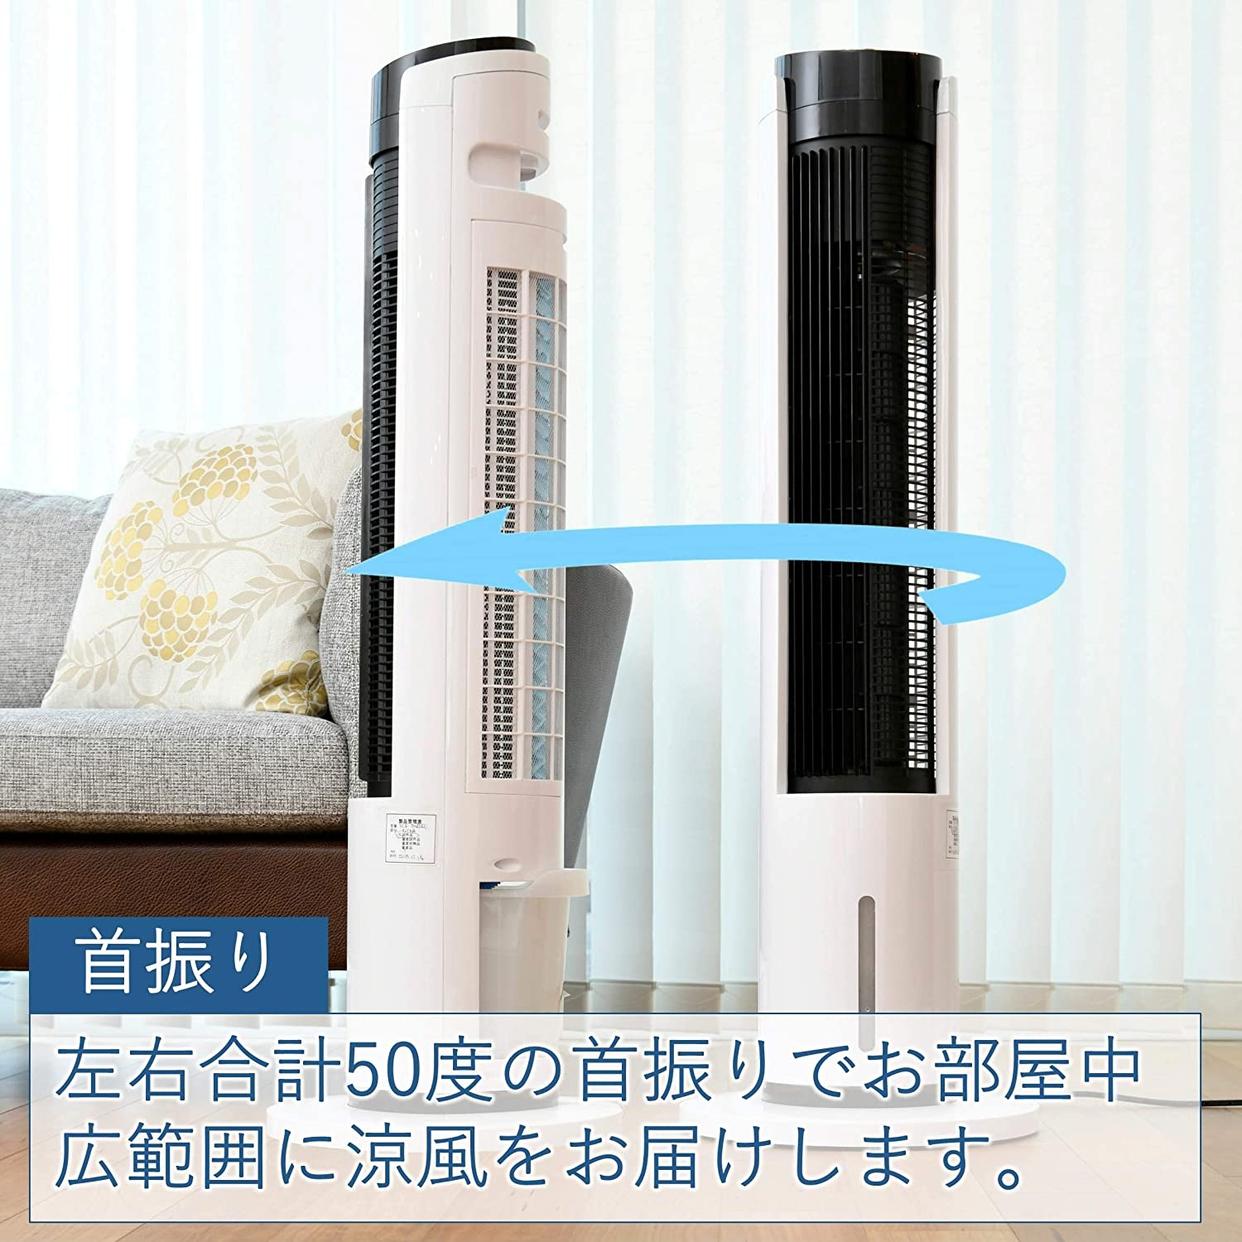 山善(YAMAZEN) 冷風扇 FCR-BWG40の商品画像5